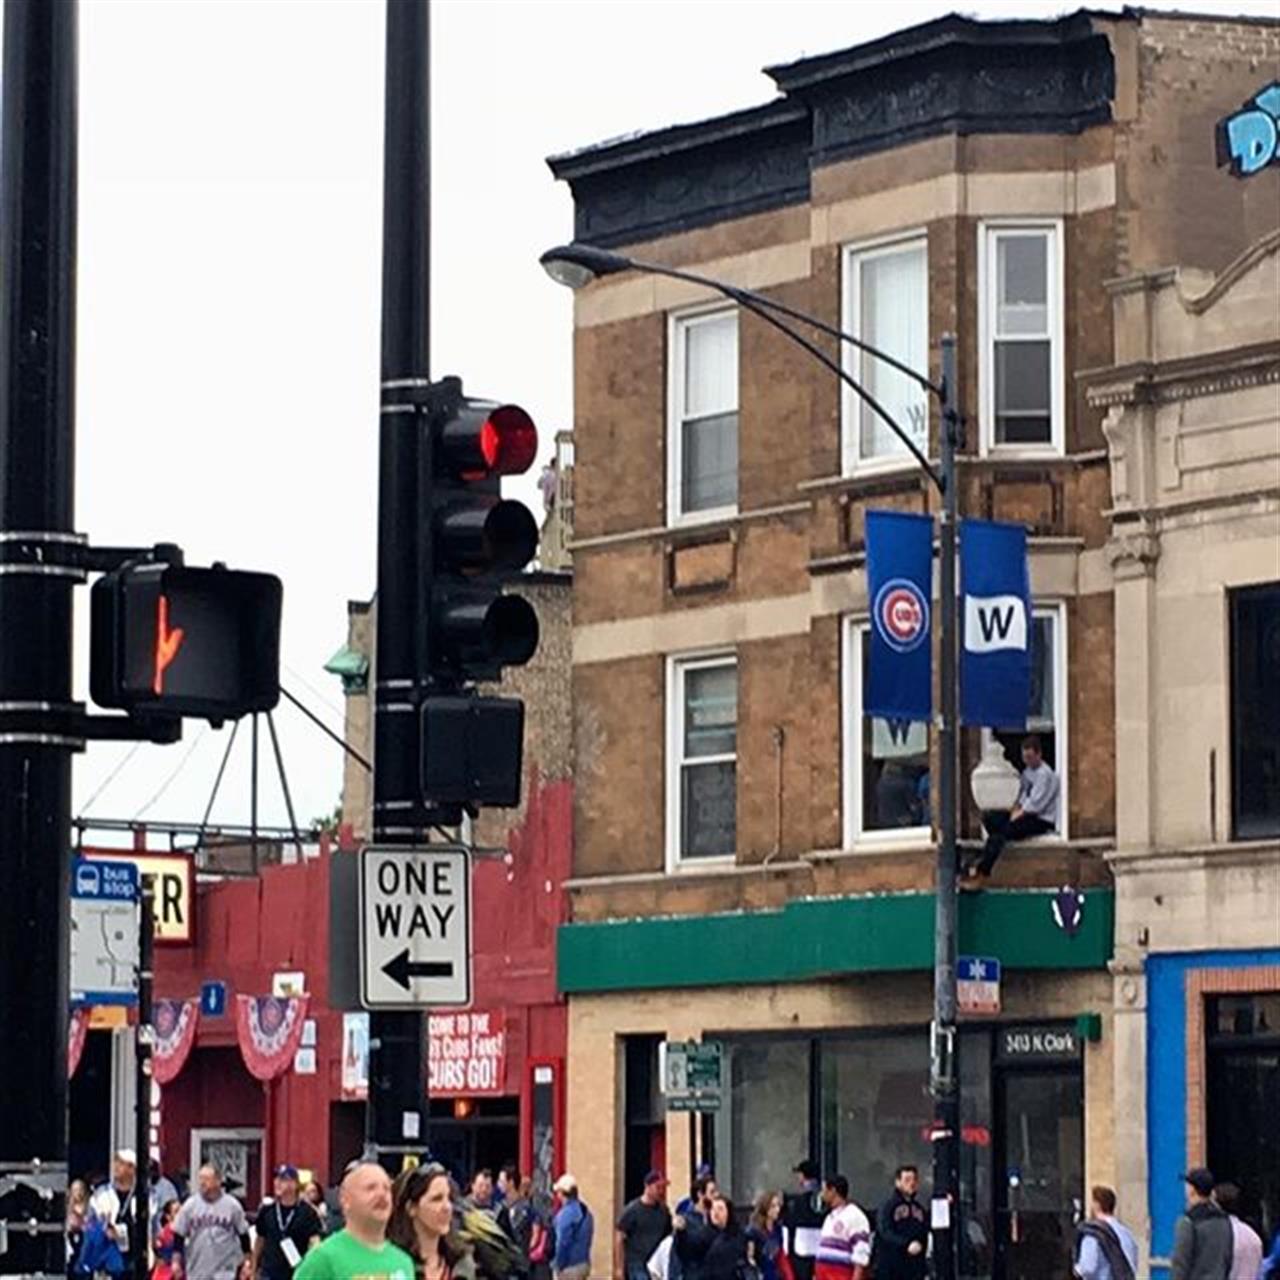 Game day in #weigleyfield #bairdwarner #leadingrelocal  #chicago #cubs